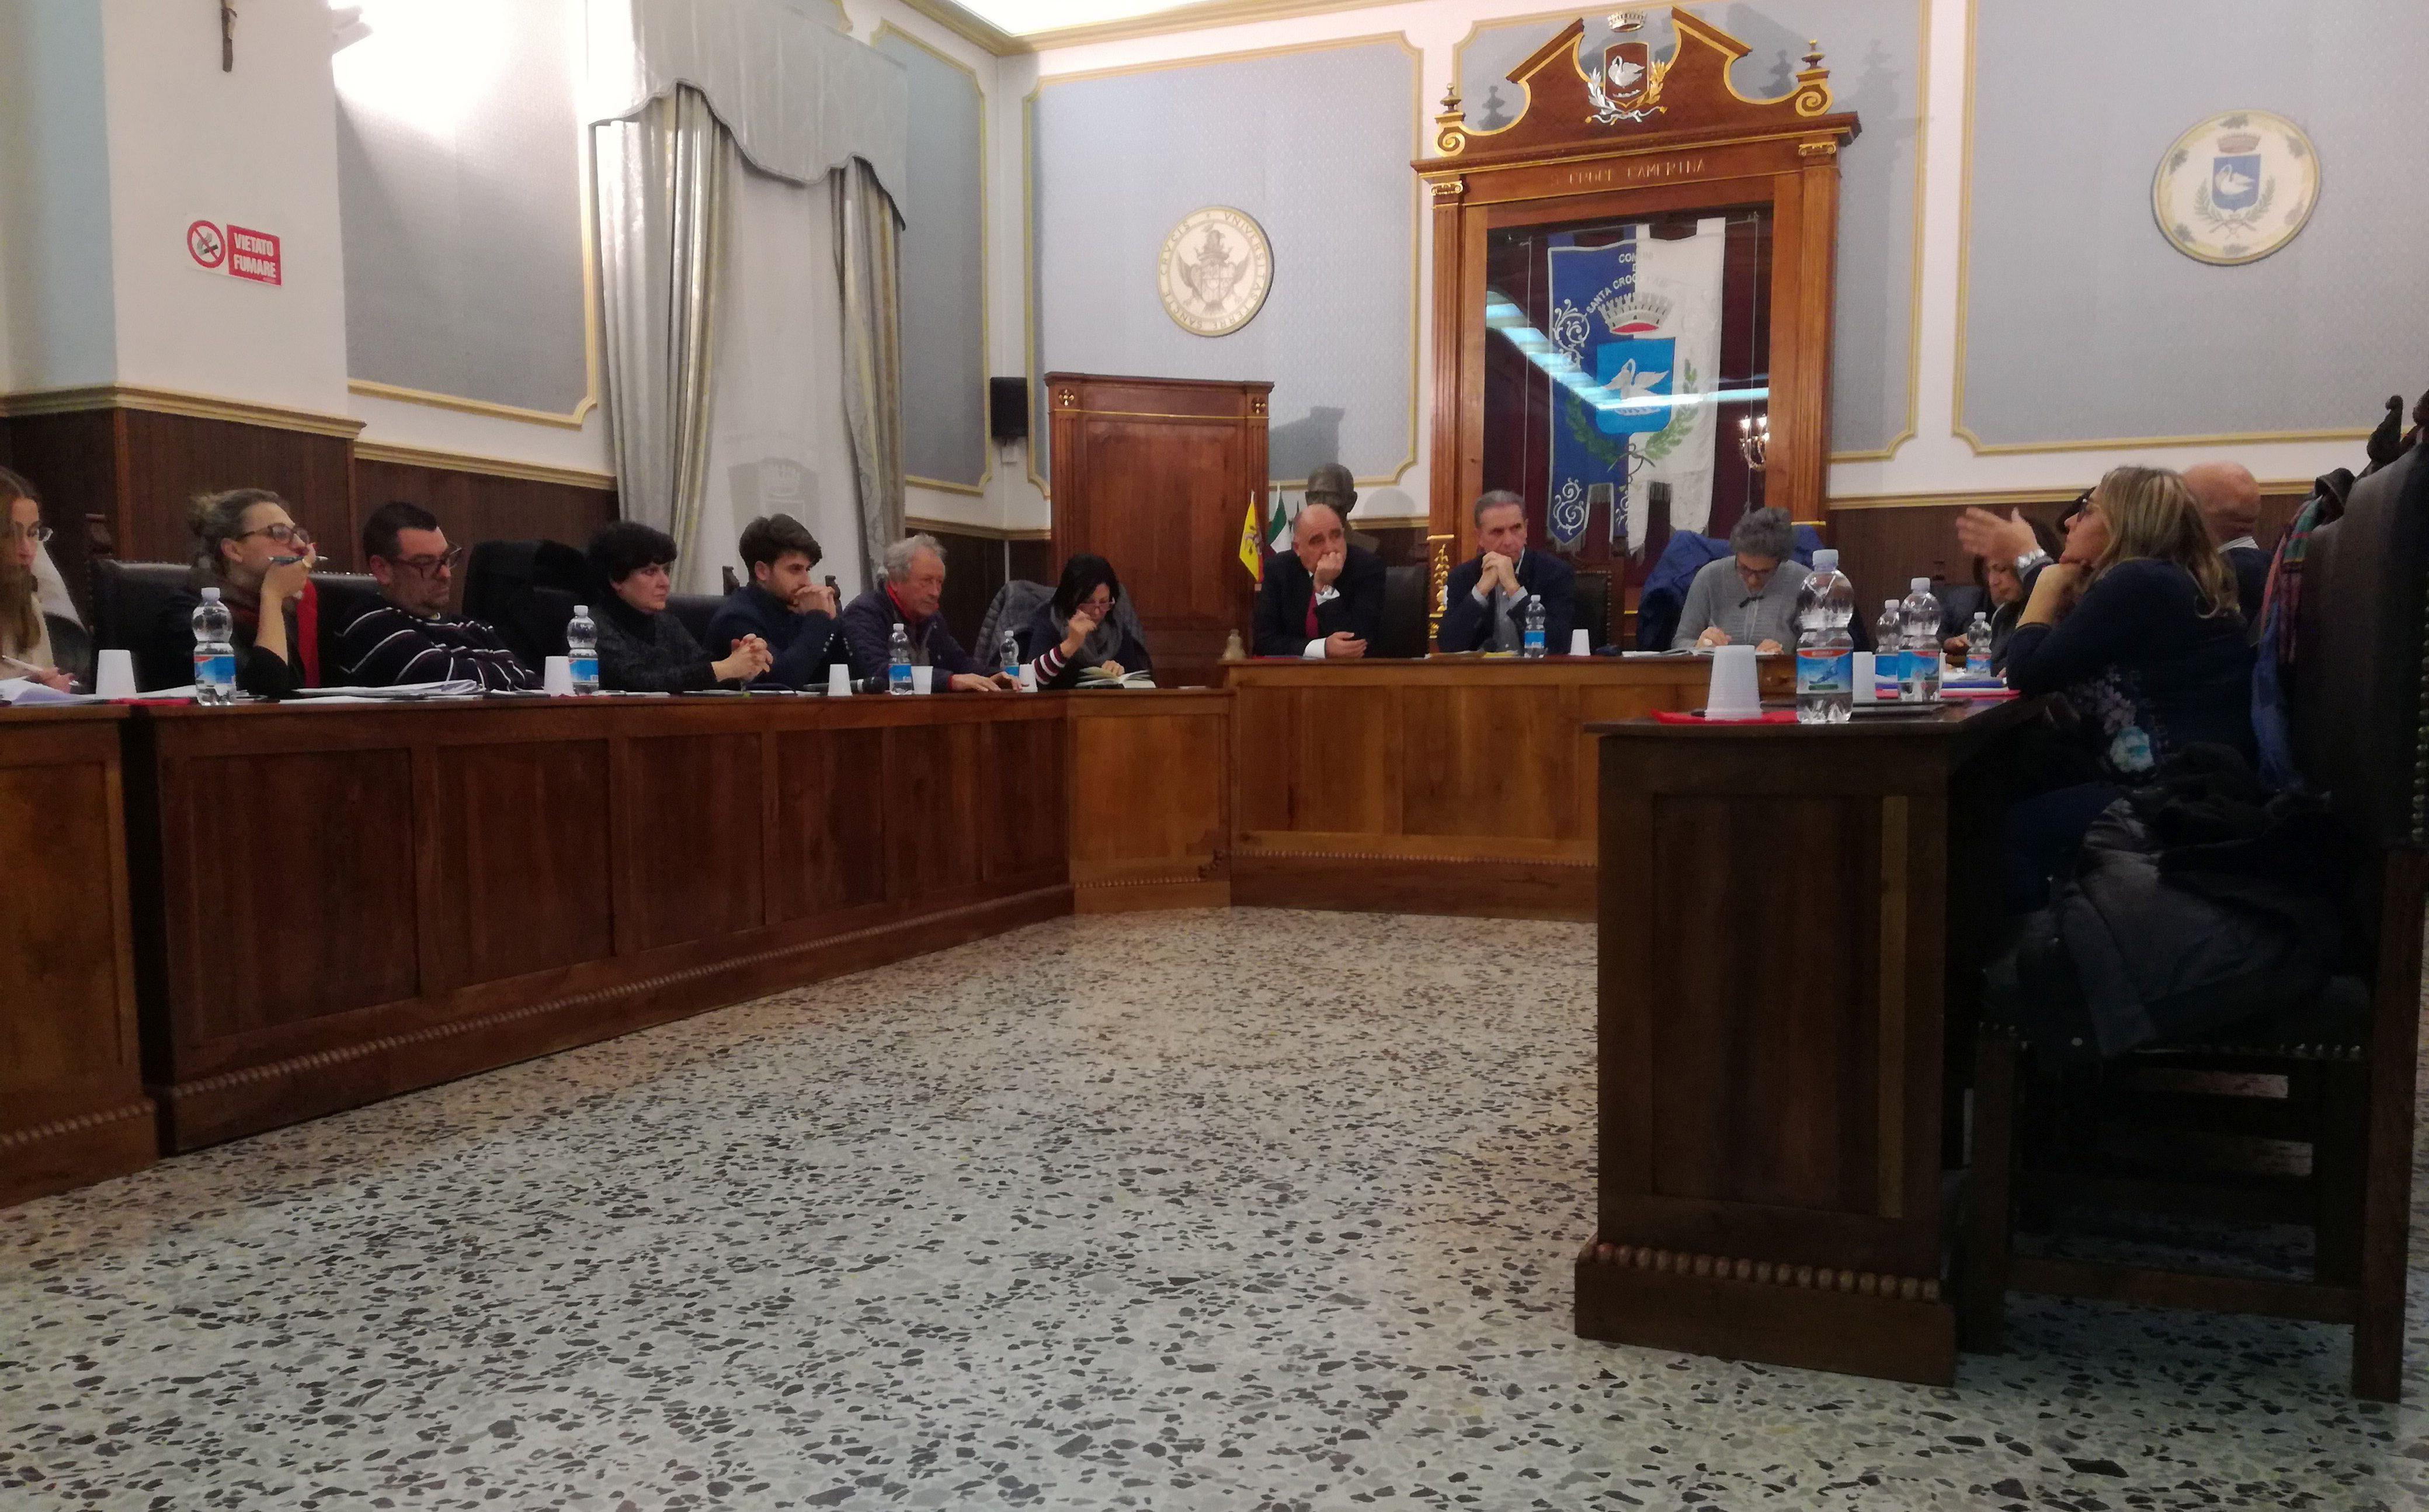 Bollette idriche, Consiglio approva le nuove tariffe (+6%). Rinviati gli altri punti